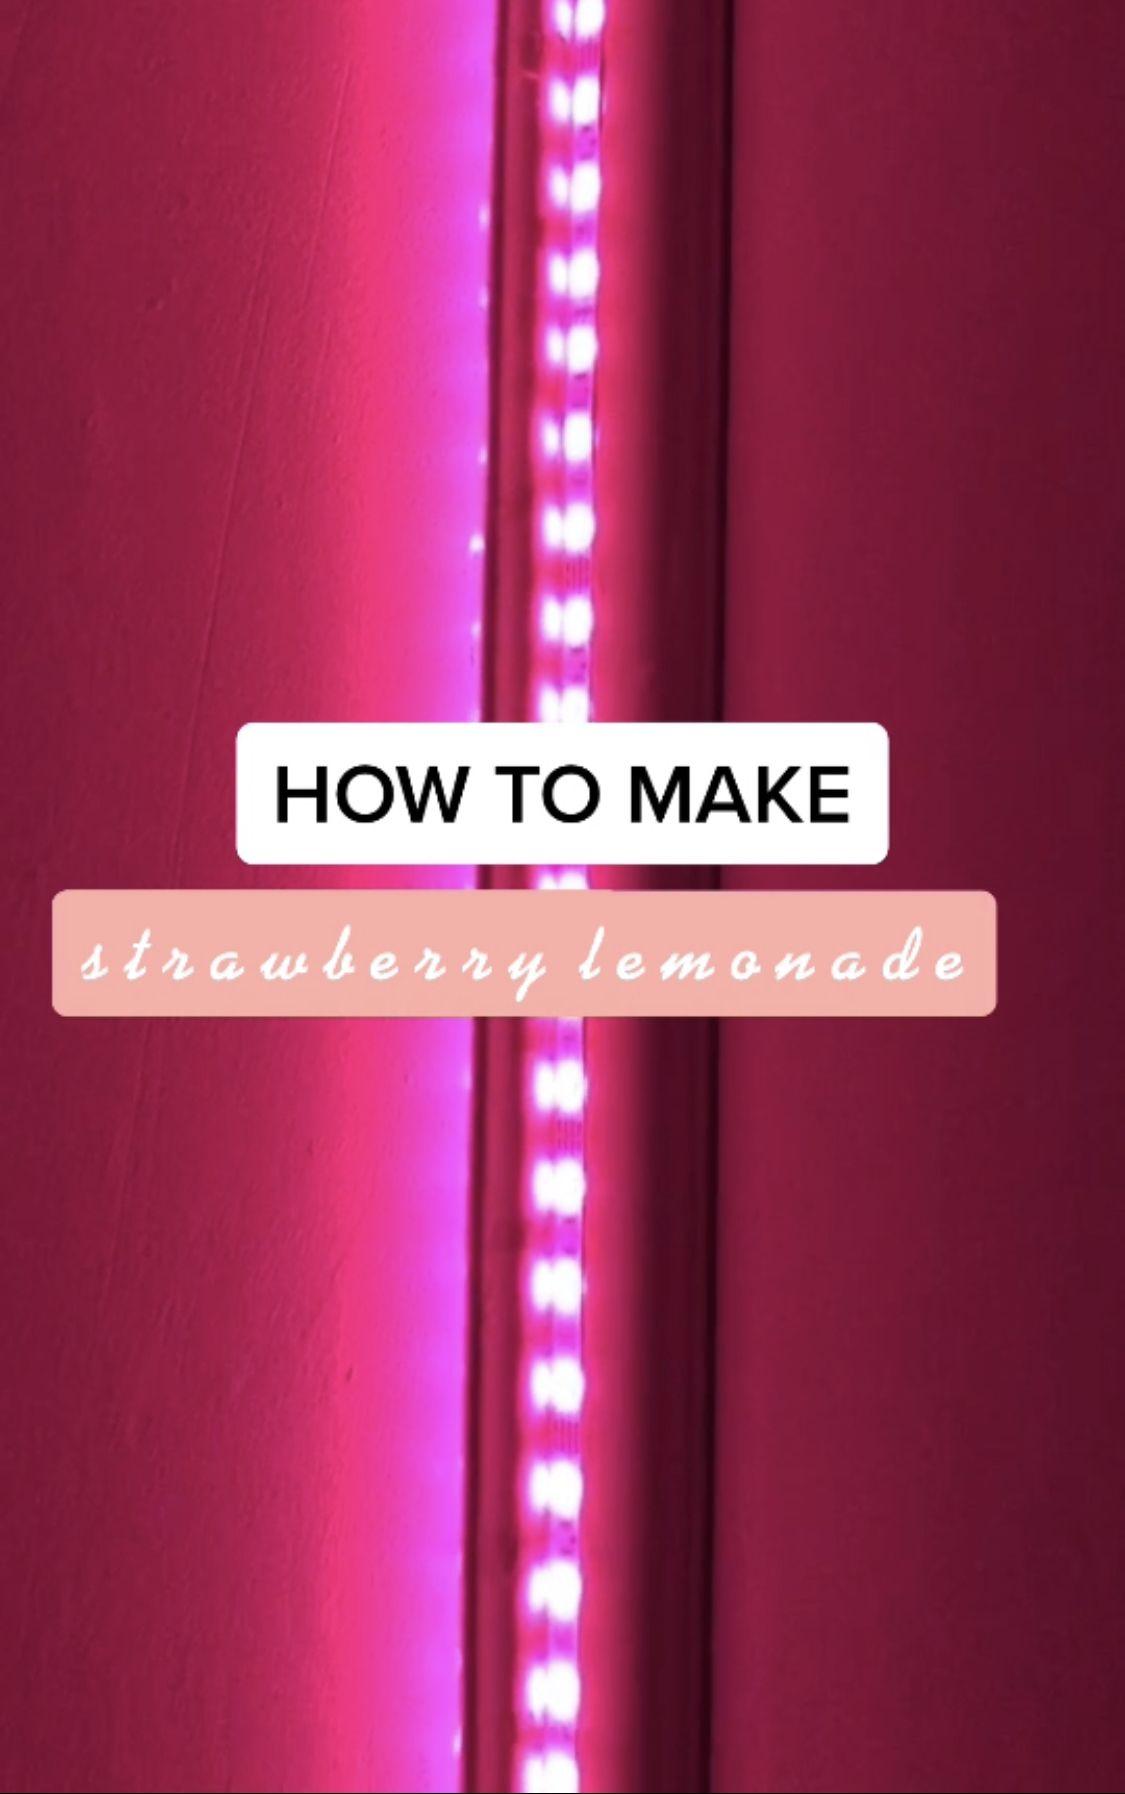 Strawberry lemonade in 2020 Pink led lights, Diy led